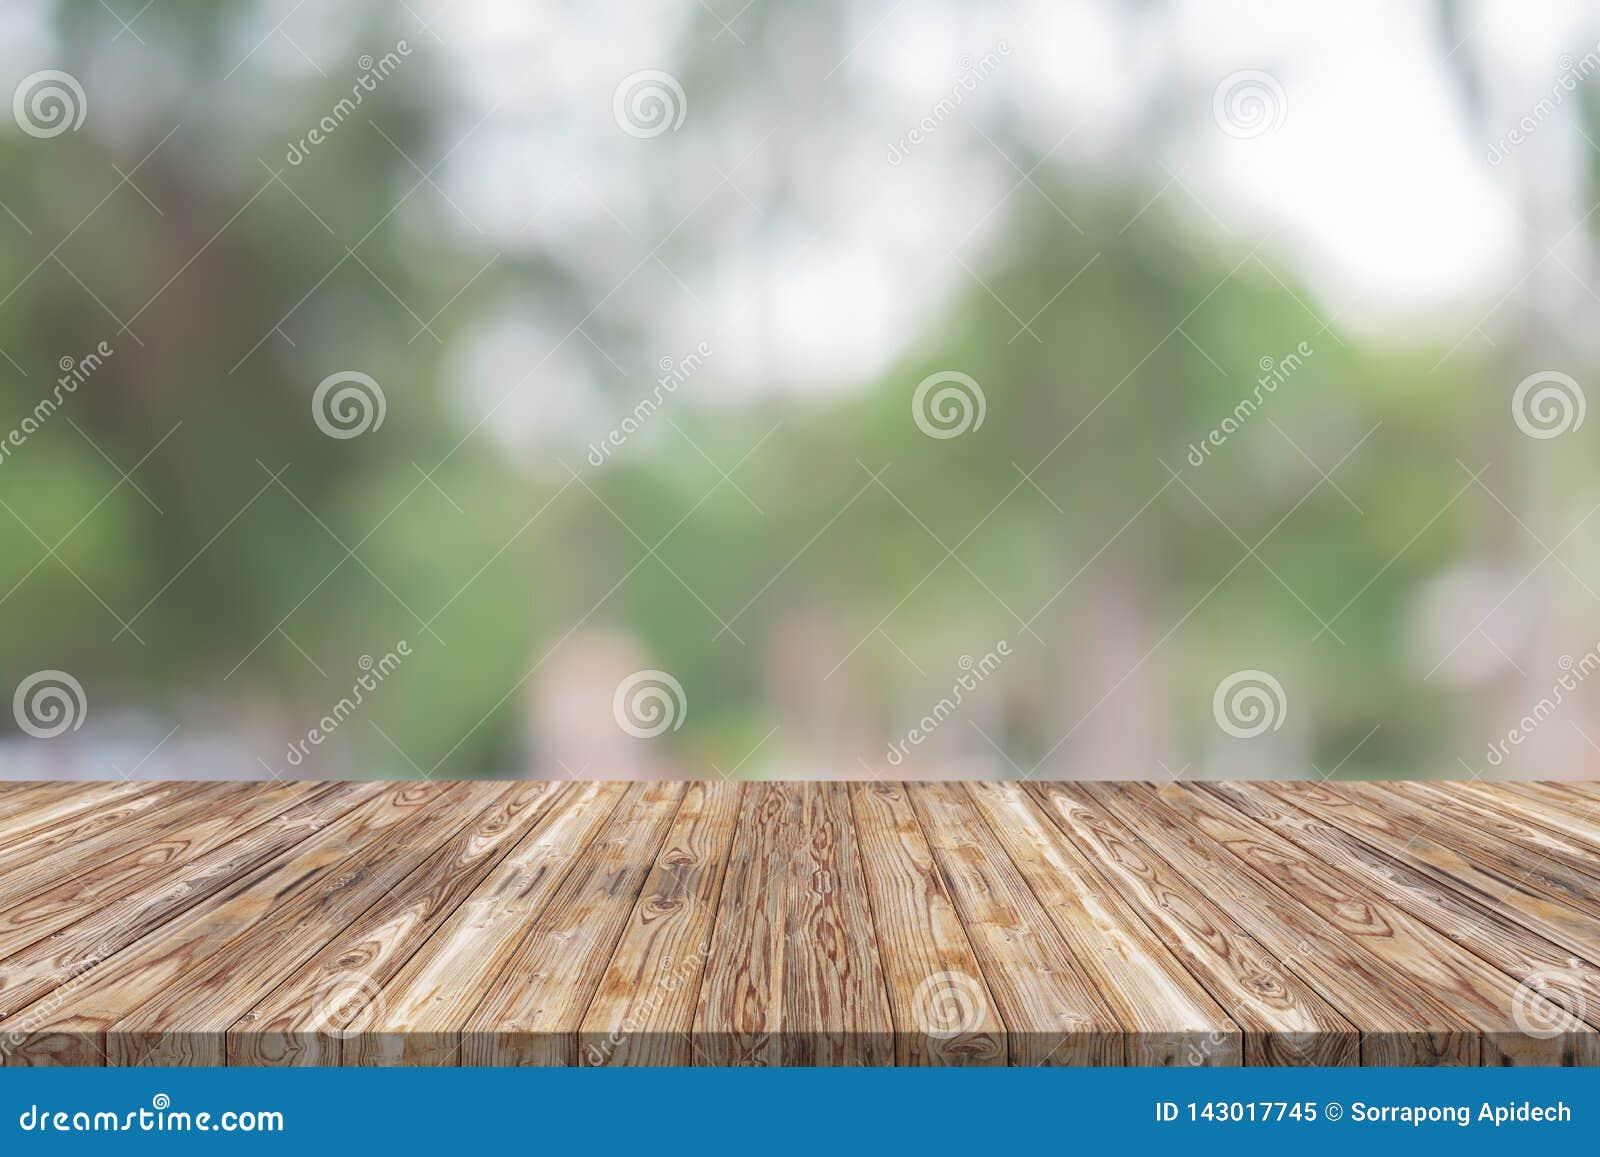 Sobremesa de madera vacía en fondo verde de la falta de definición en el jardín